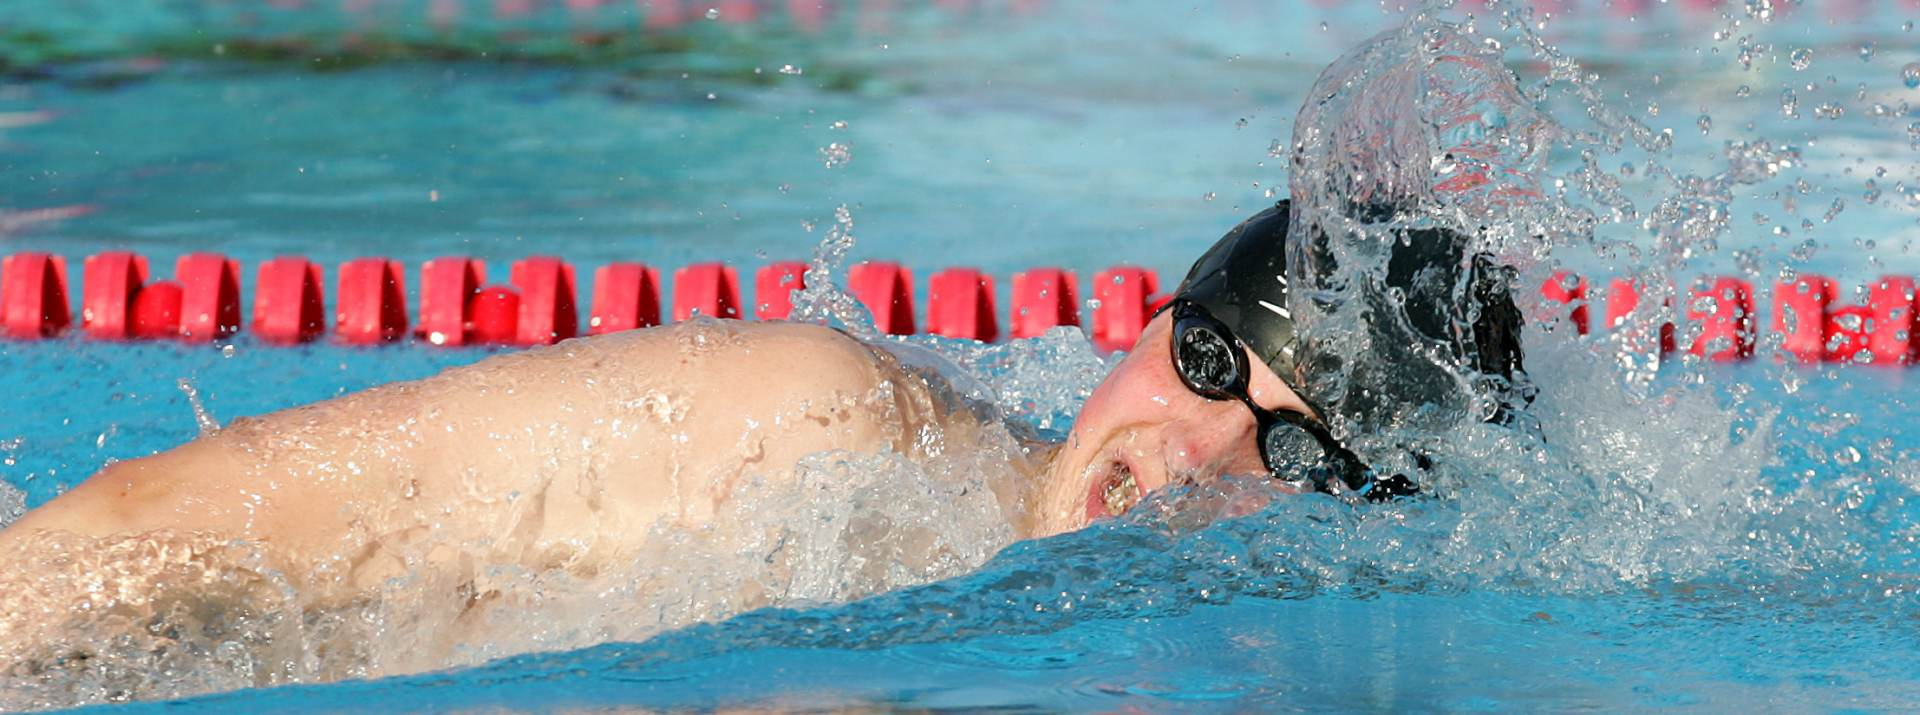 SP u plivanju: Saemundsson bez finala na 800 m